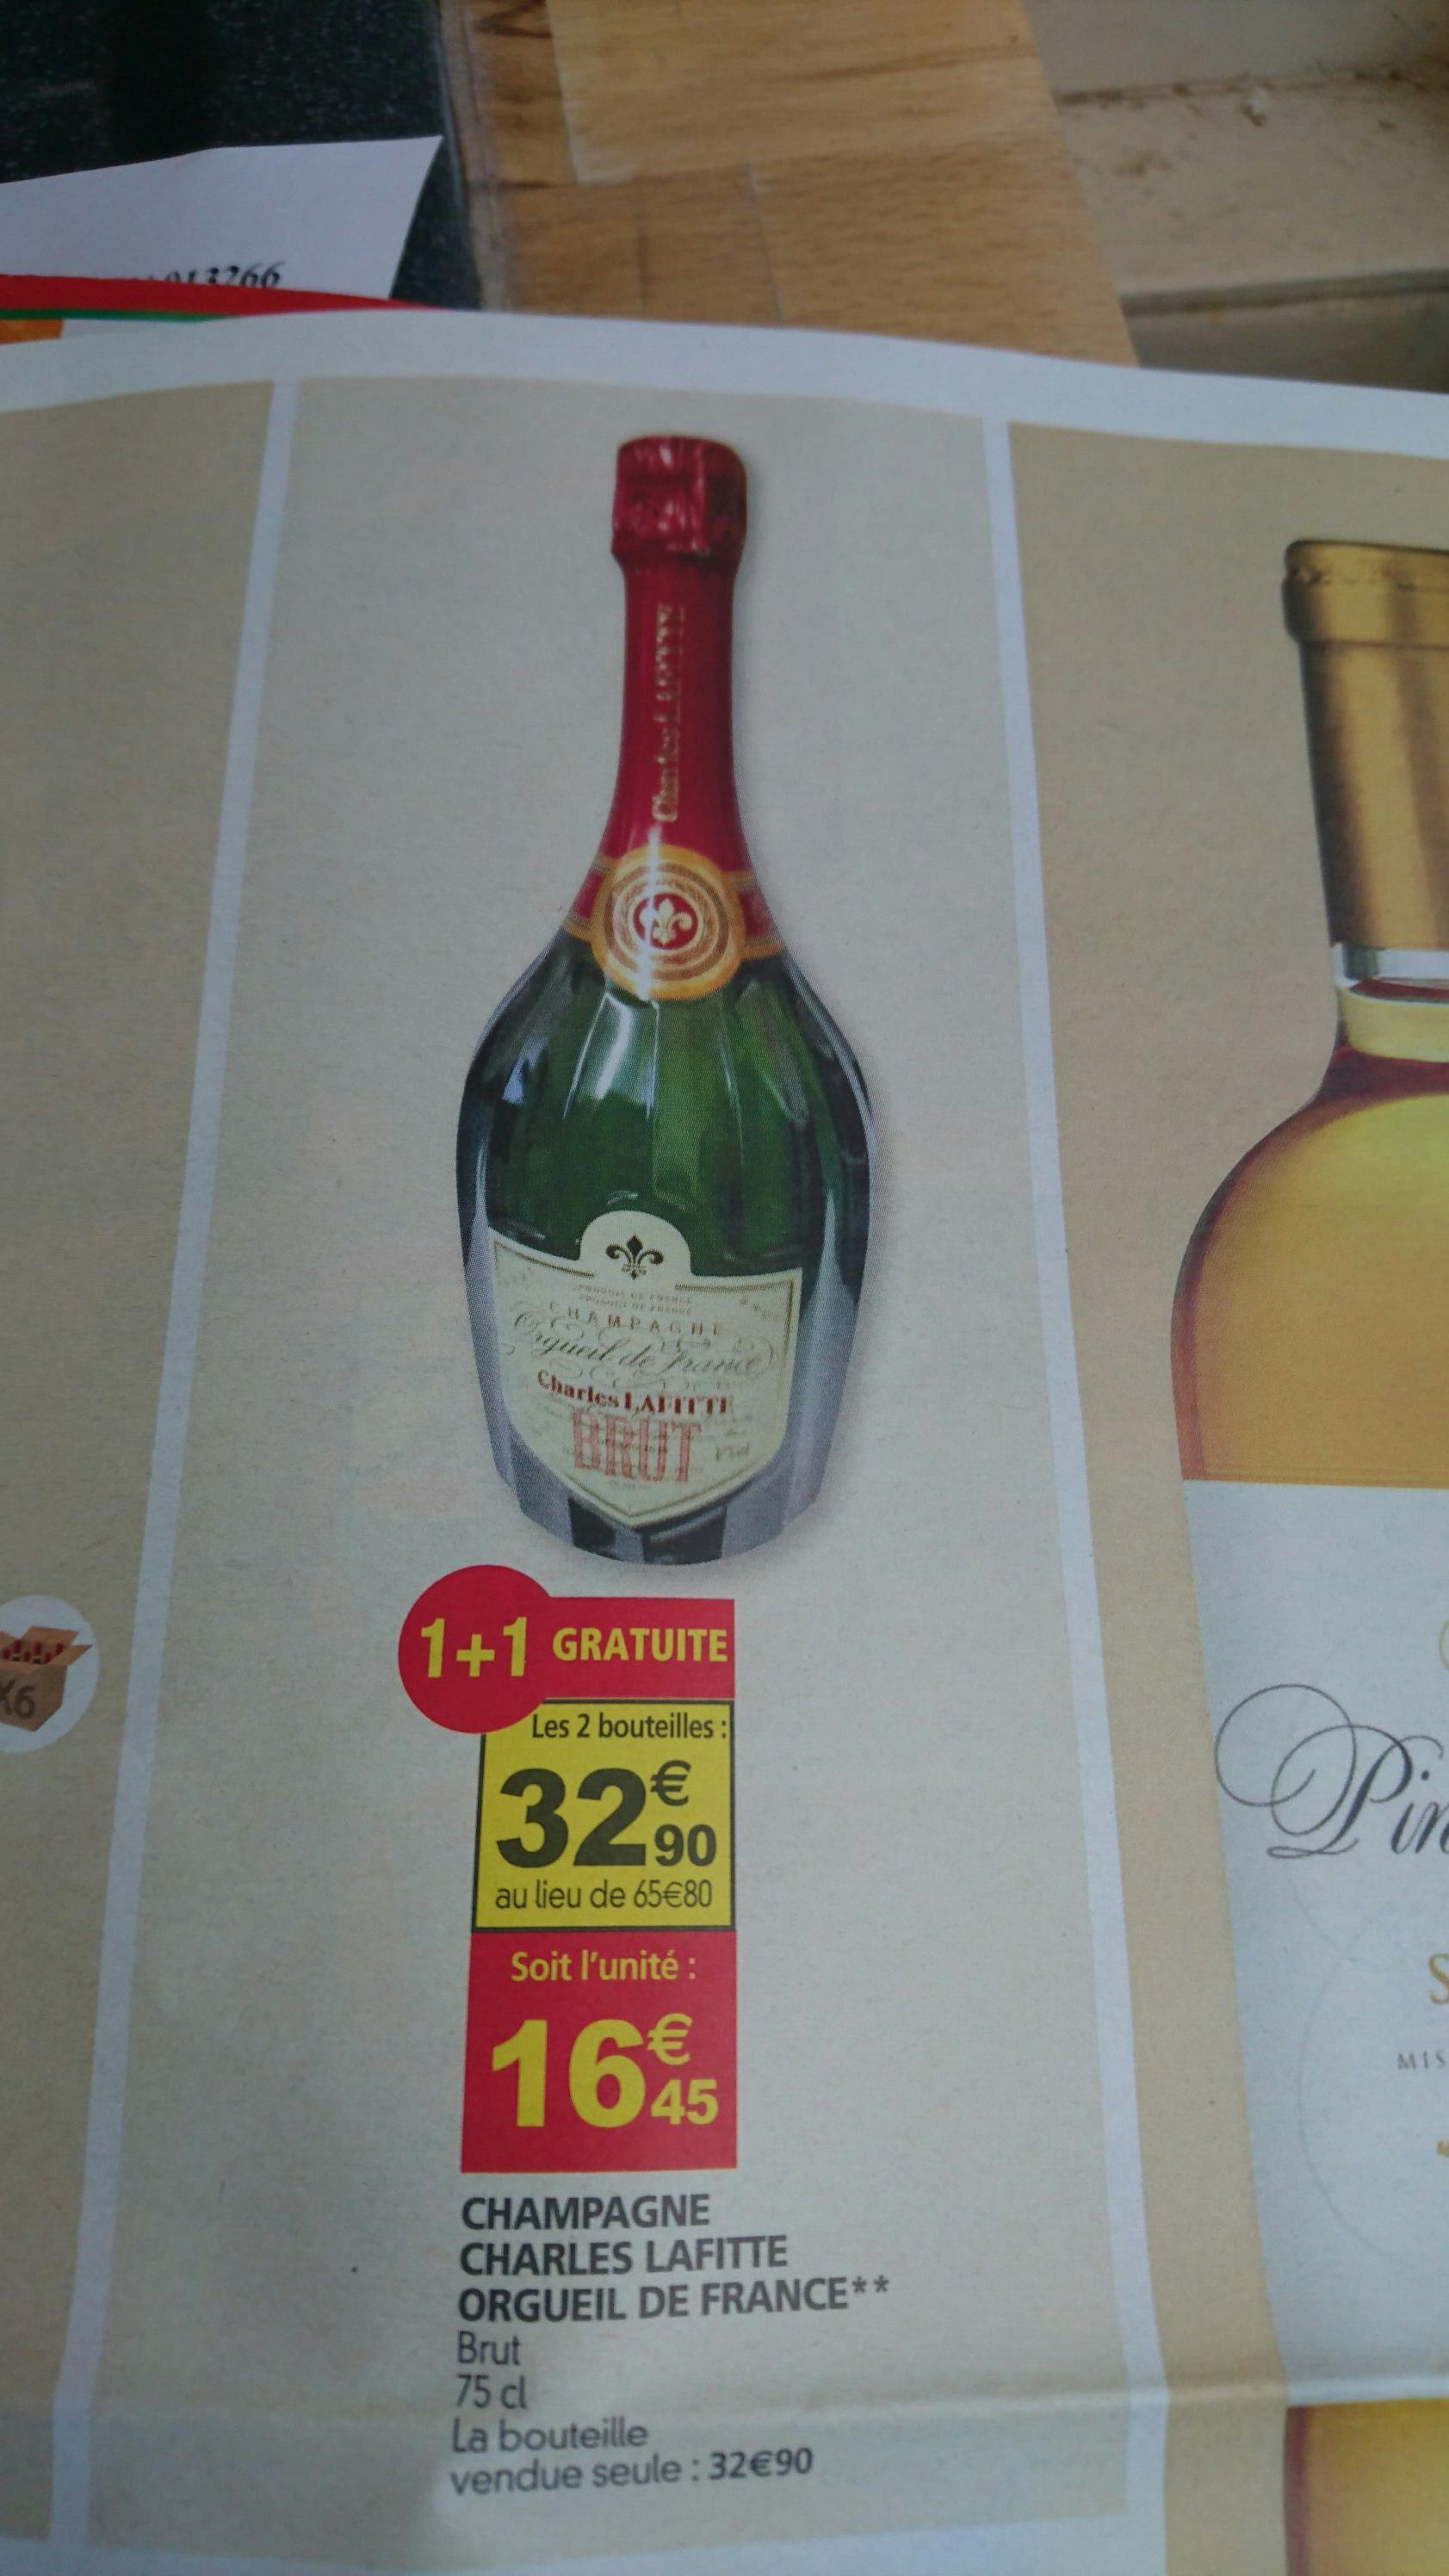 Lot de 2 bouteilles de Champagne Charles lafitte